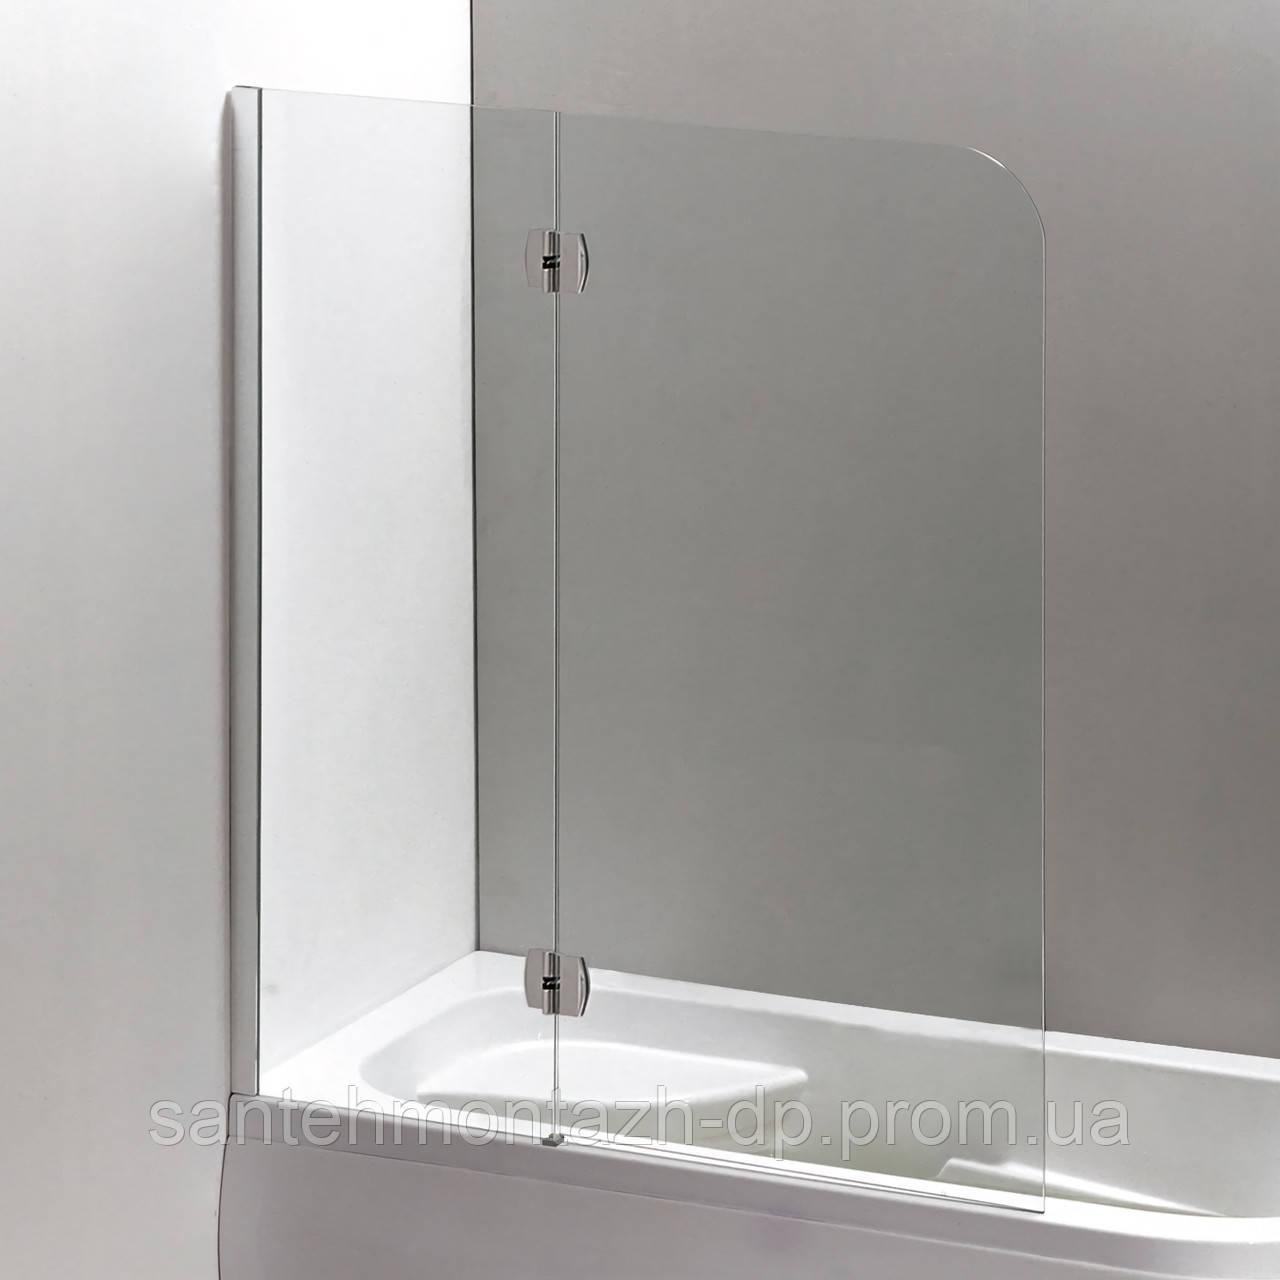 Шторка на ванну 120*150 см, ліва, колір профілю-хром